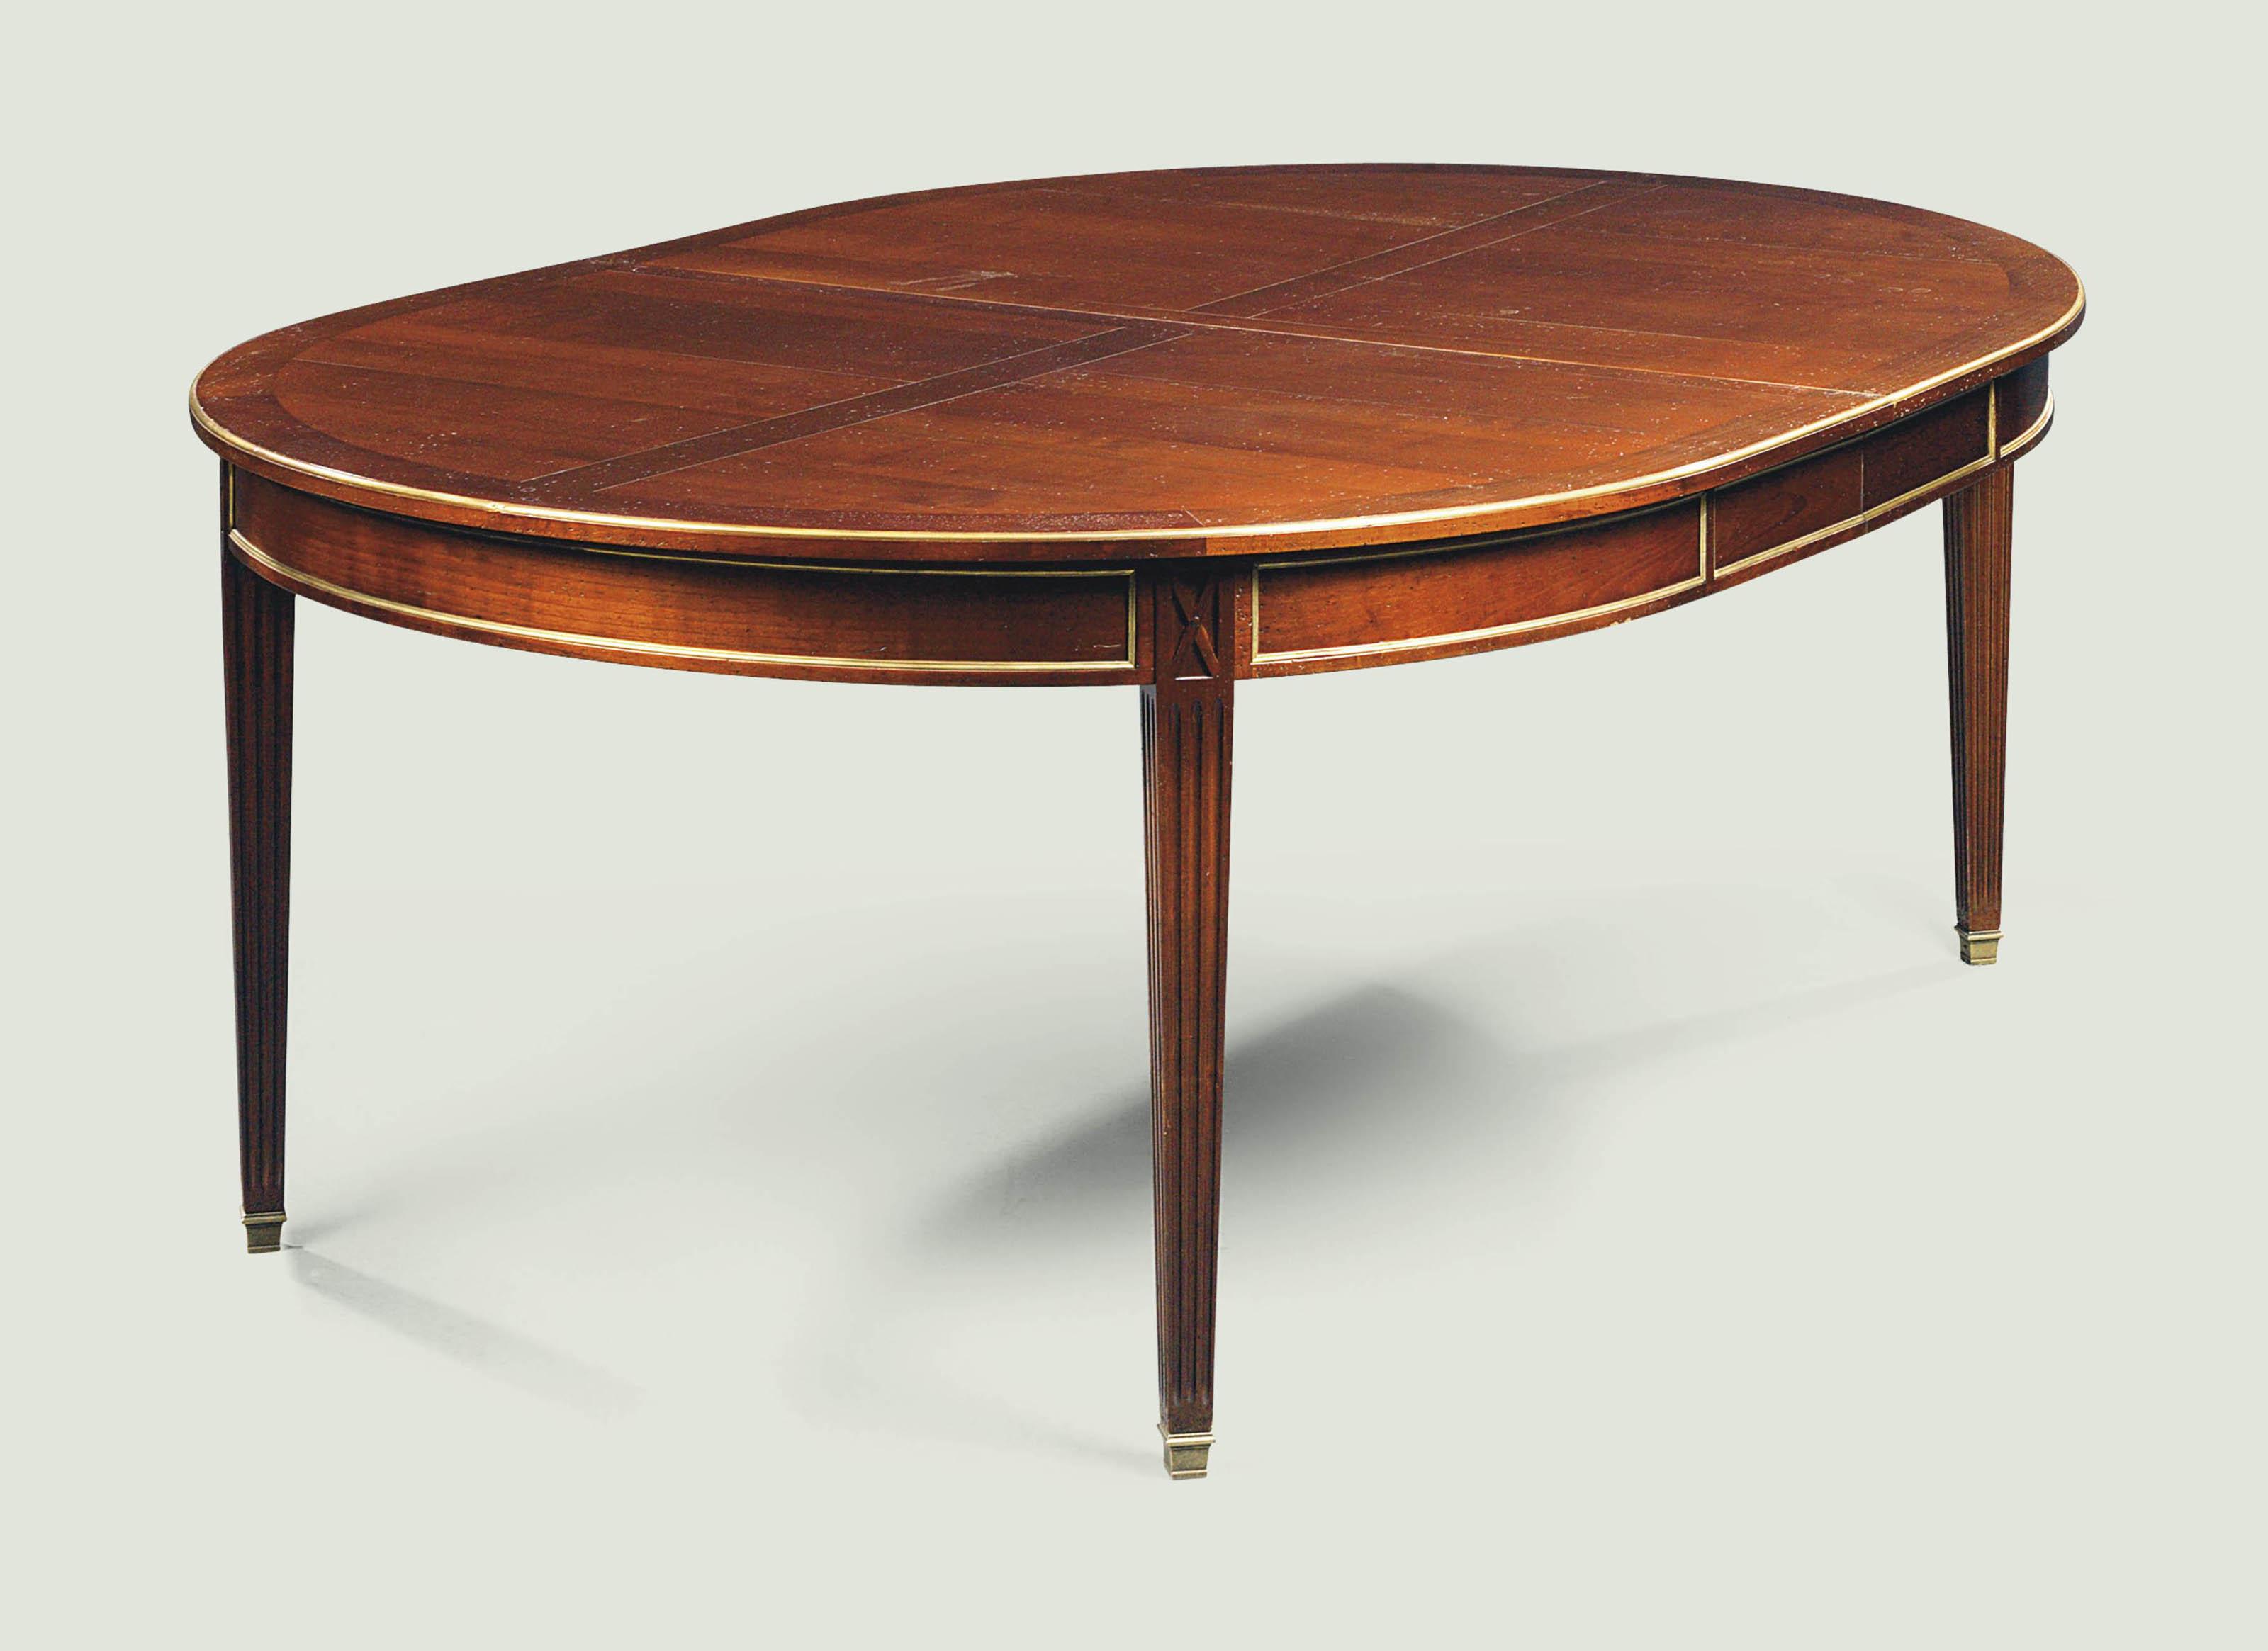 TABLE DE SALLE A MANGER DU XXE